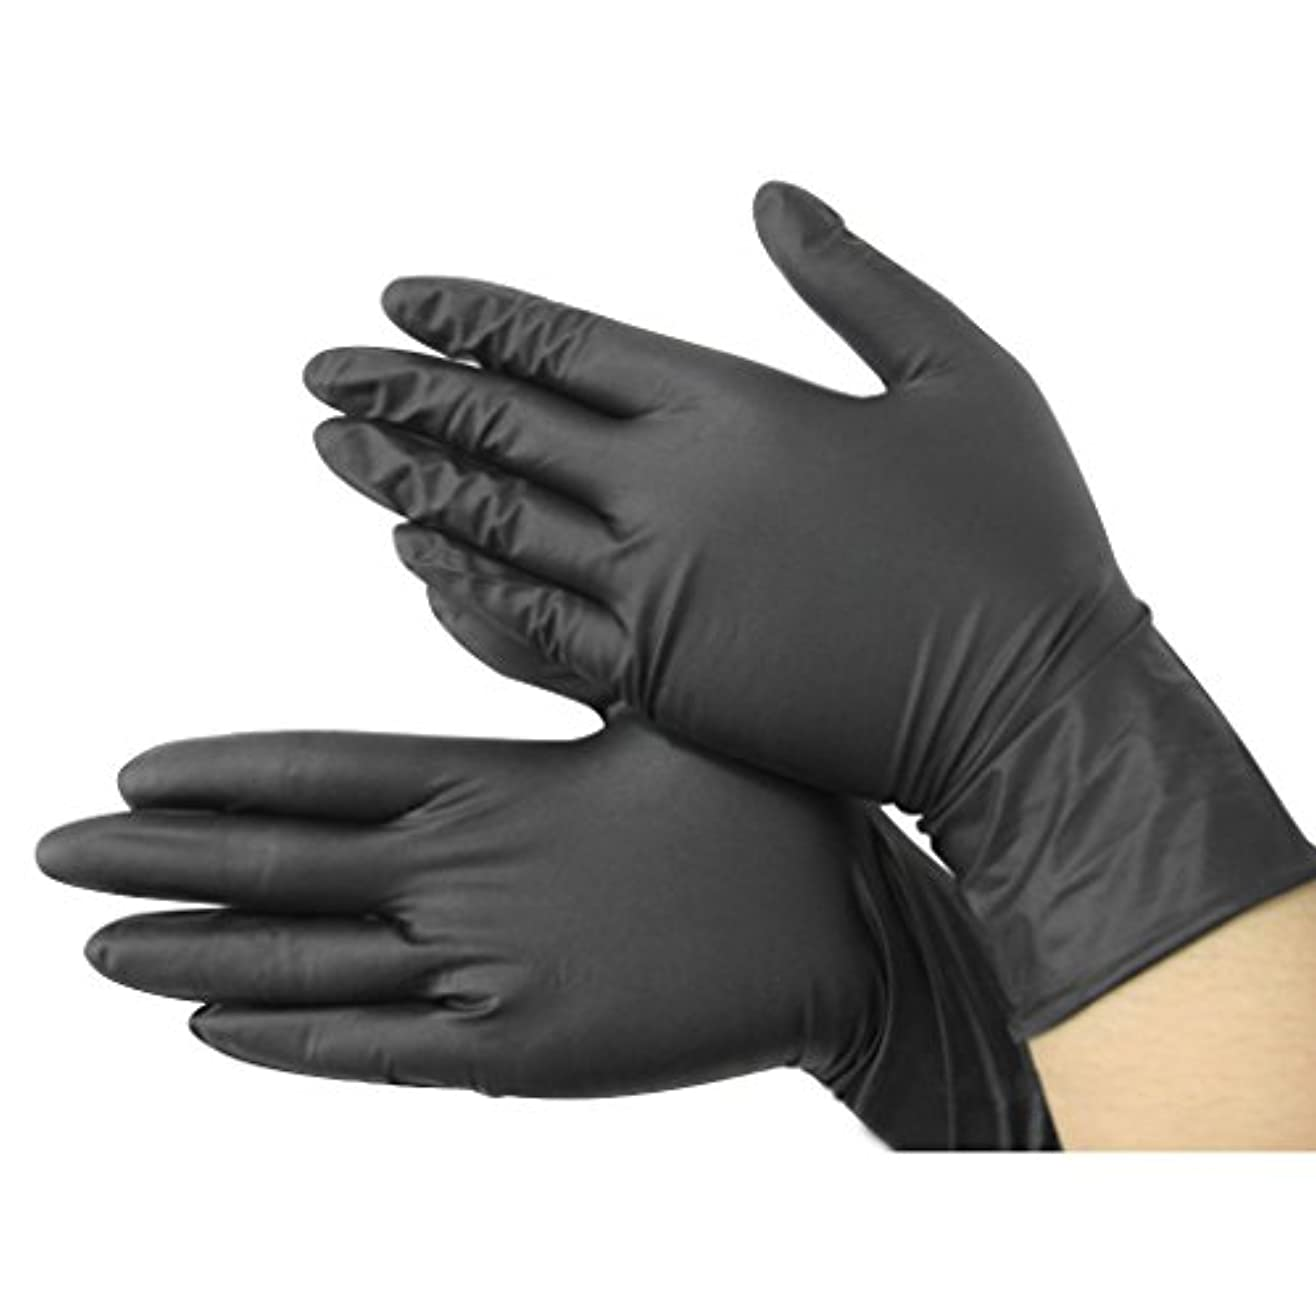 助言する首相キャンディーCUHAWUDBA 黒いニトリル使い捨てクール手袋 パワーフリーX100 - 入れ墨 - メカニック 新しい